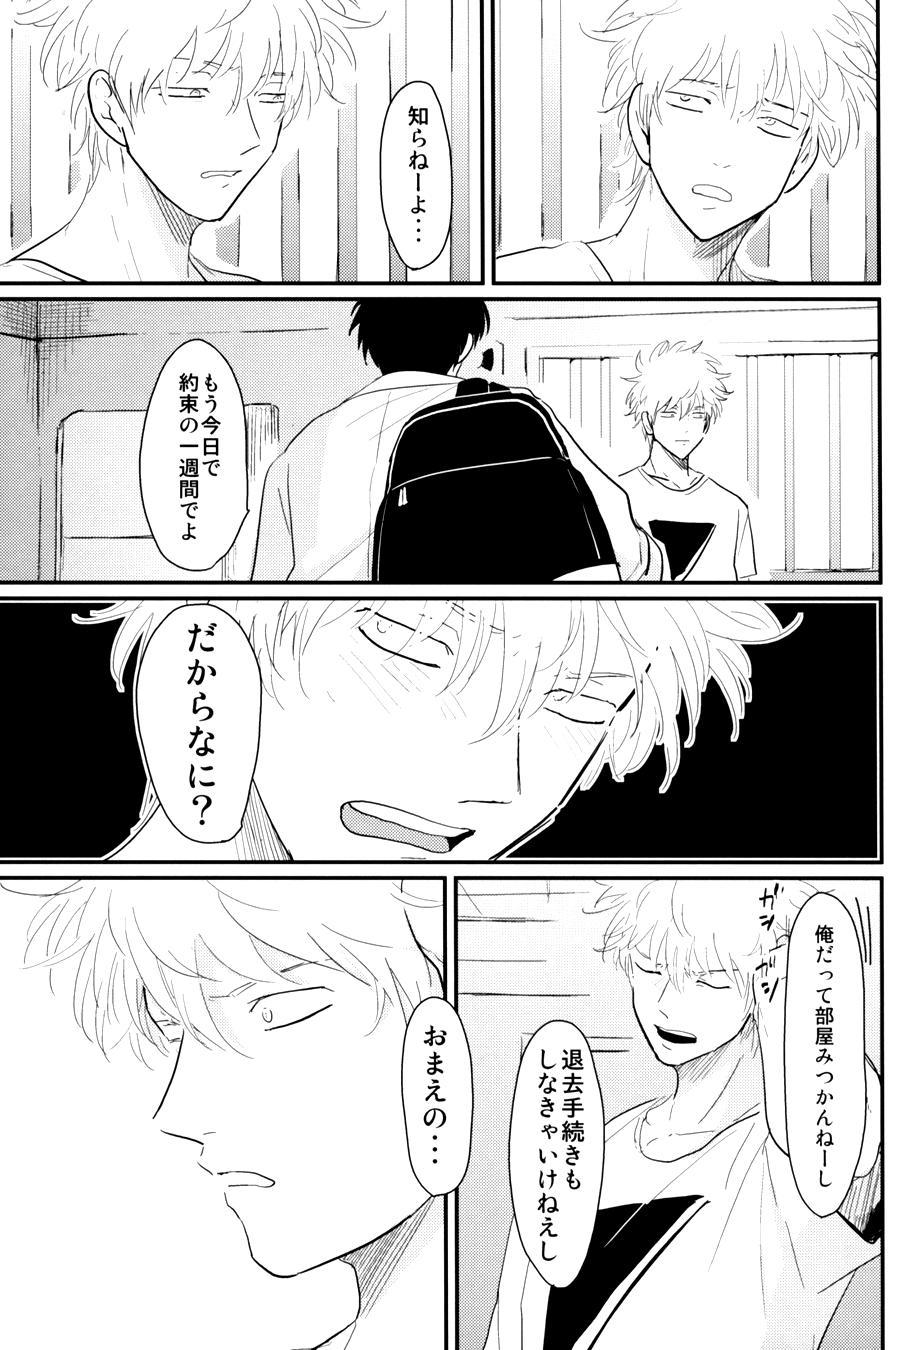 Kurasu 46